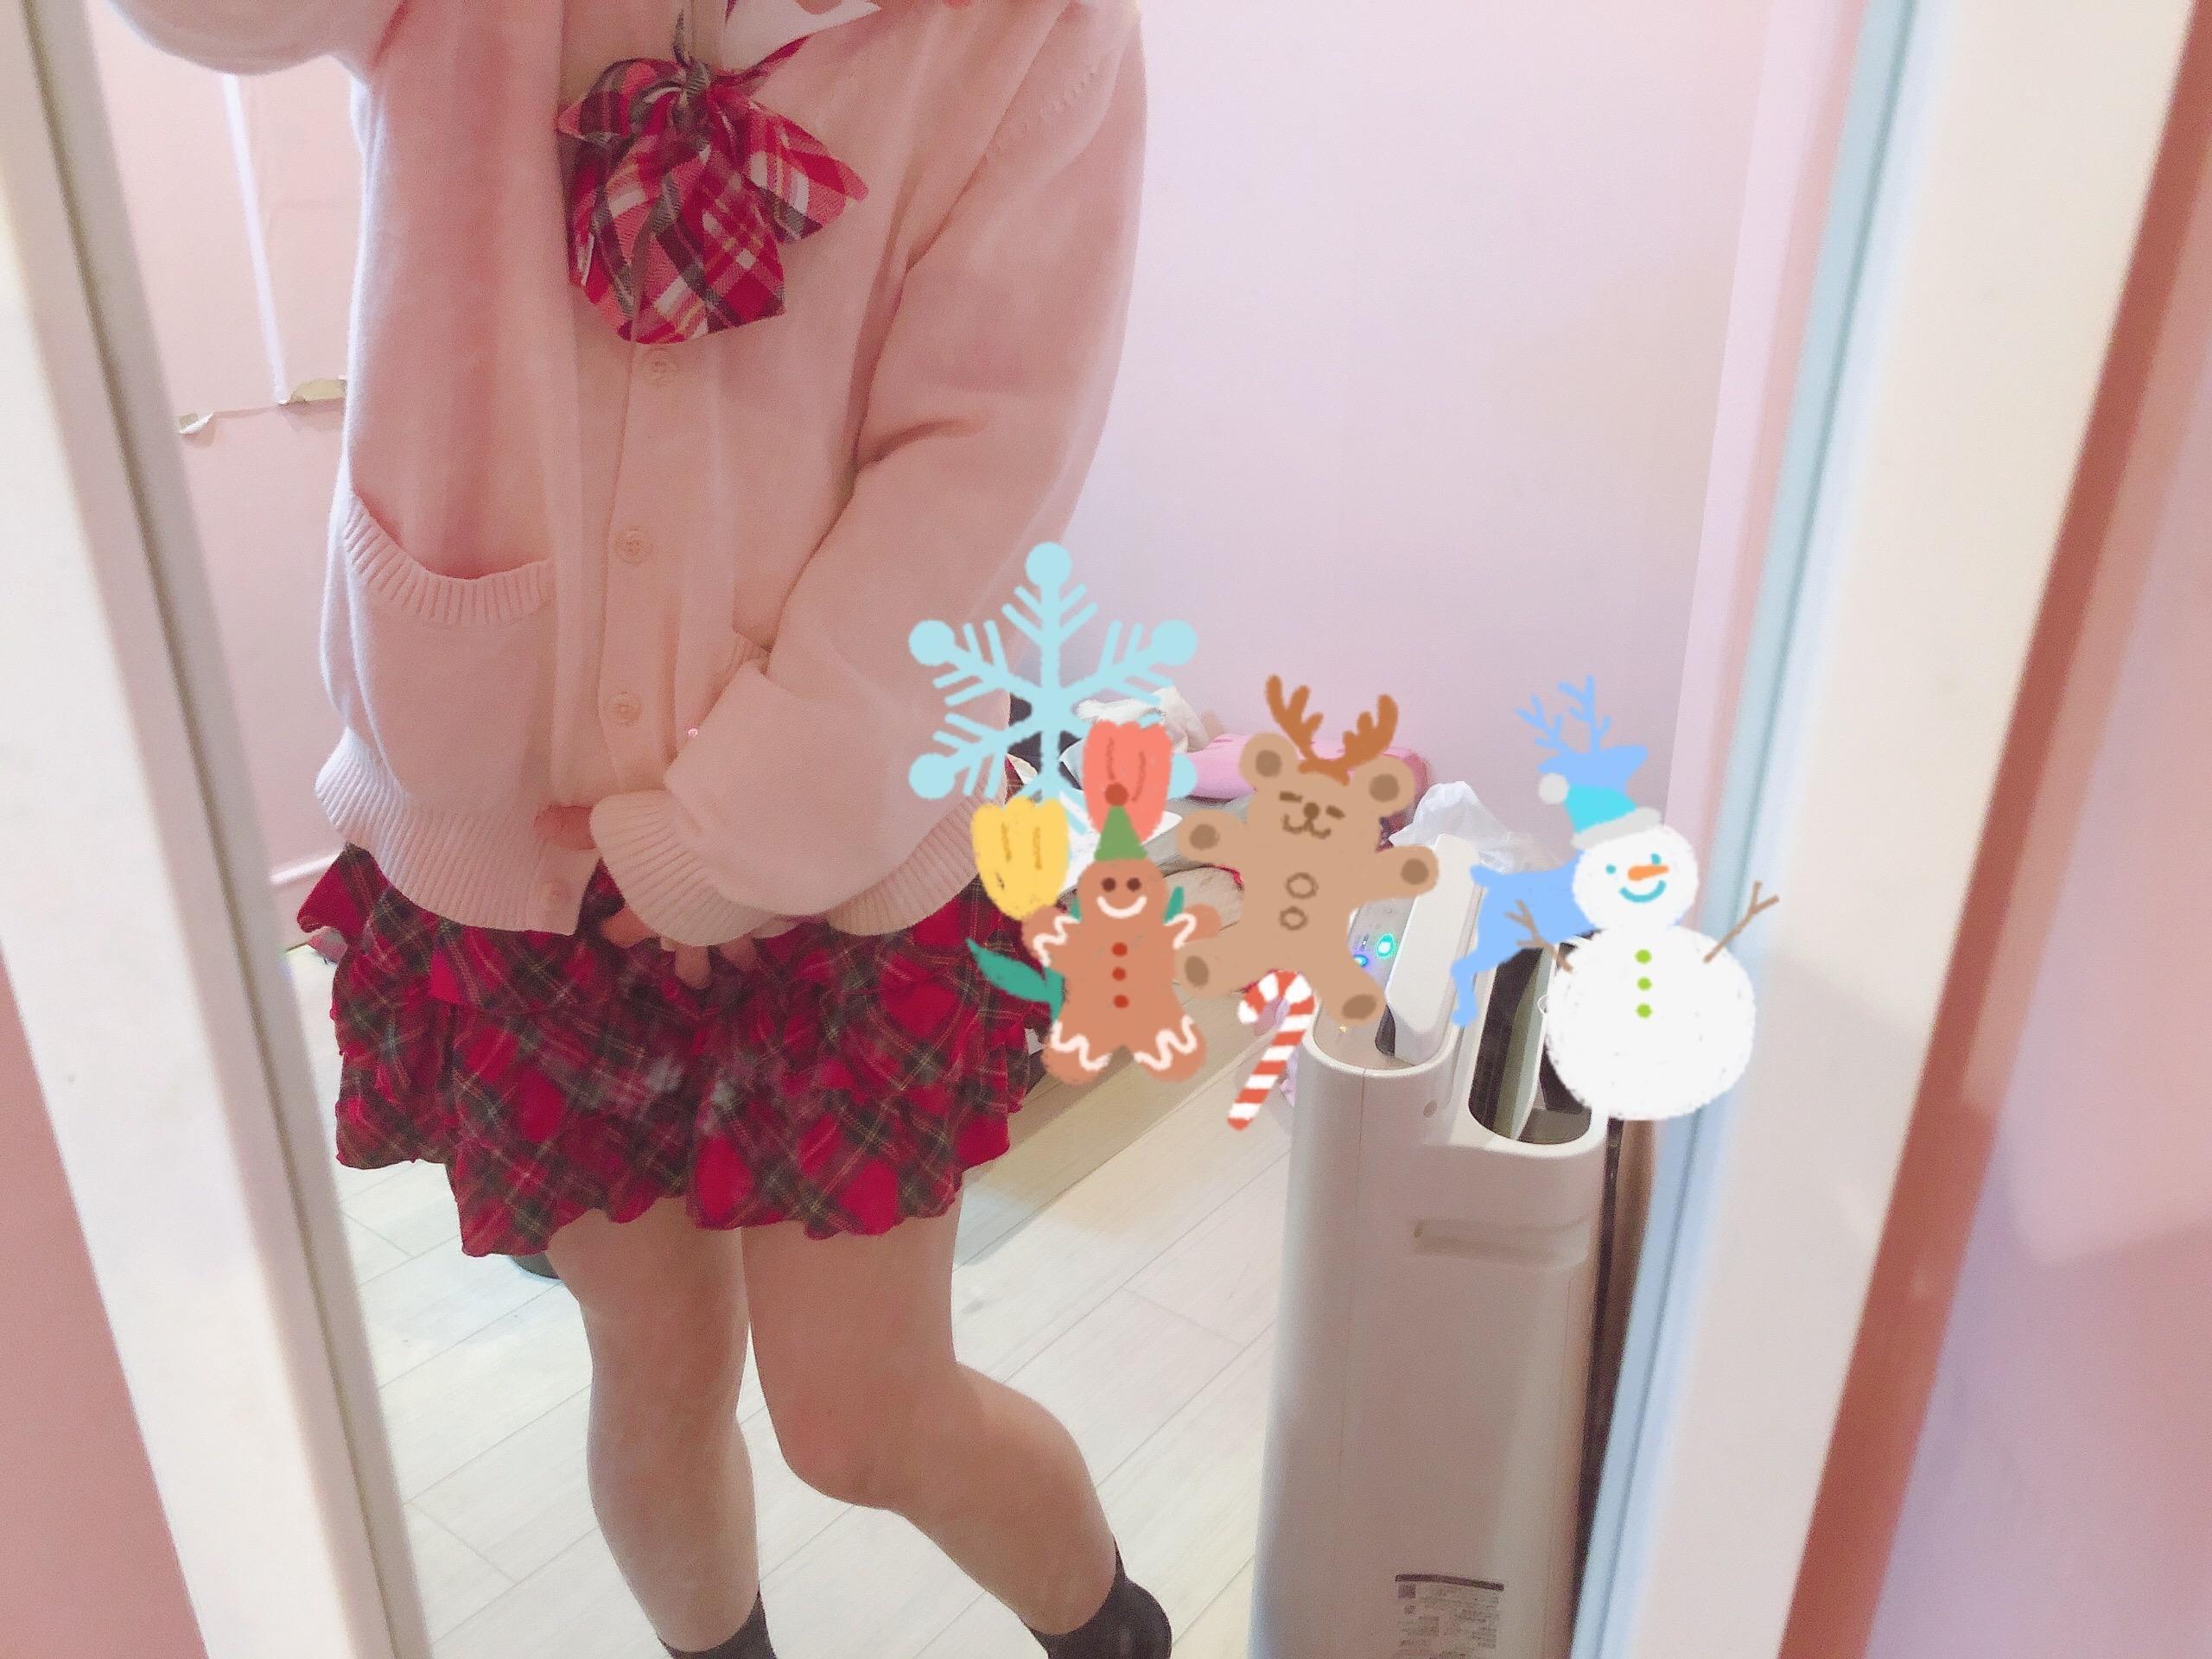 「おはつカーデ♡」12/05(土) 20:42 | つぐみの写メ・風俗動画